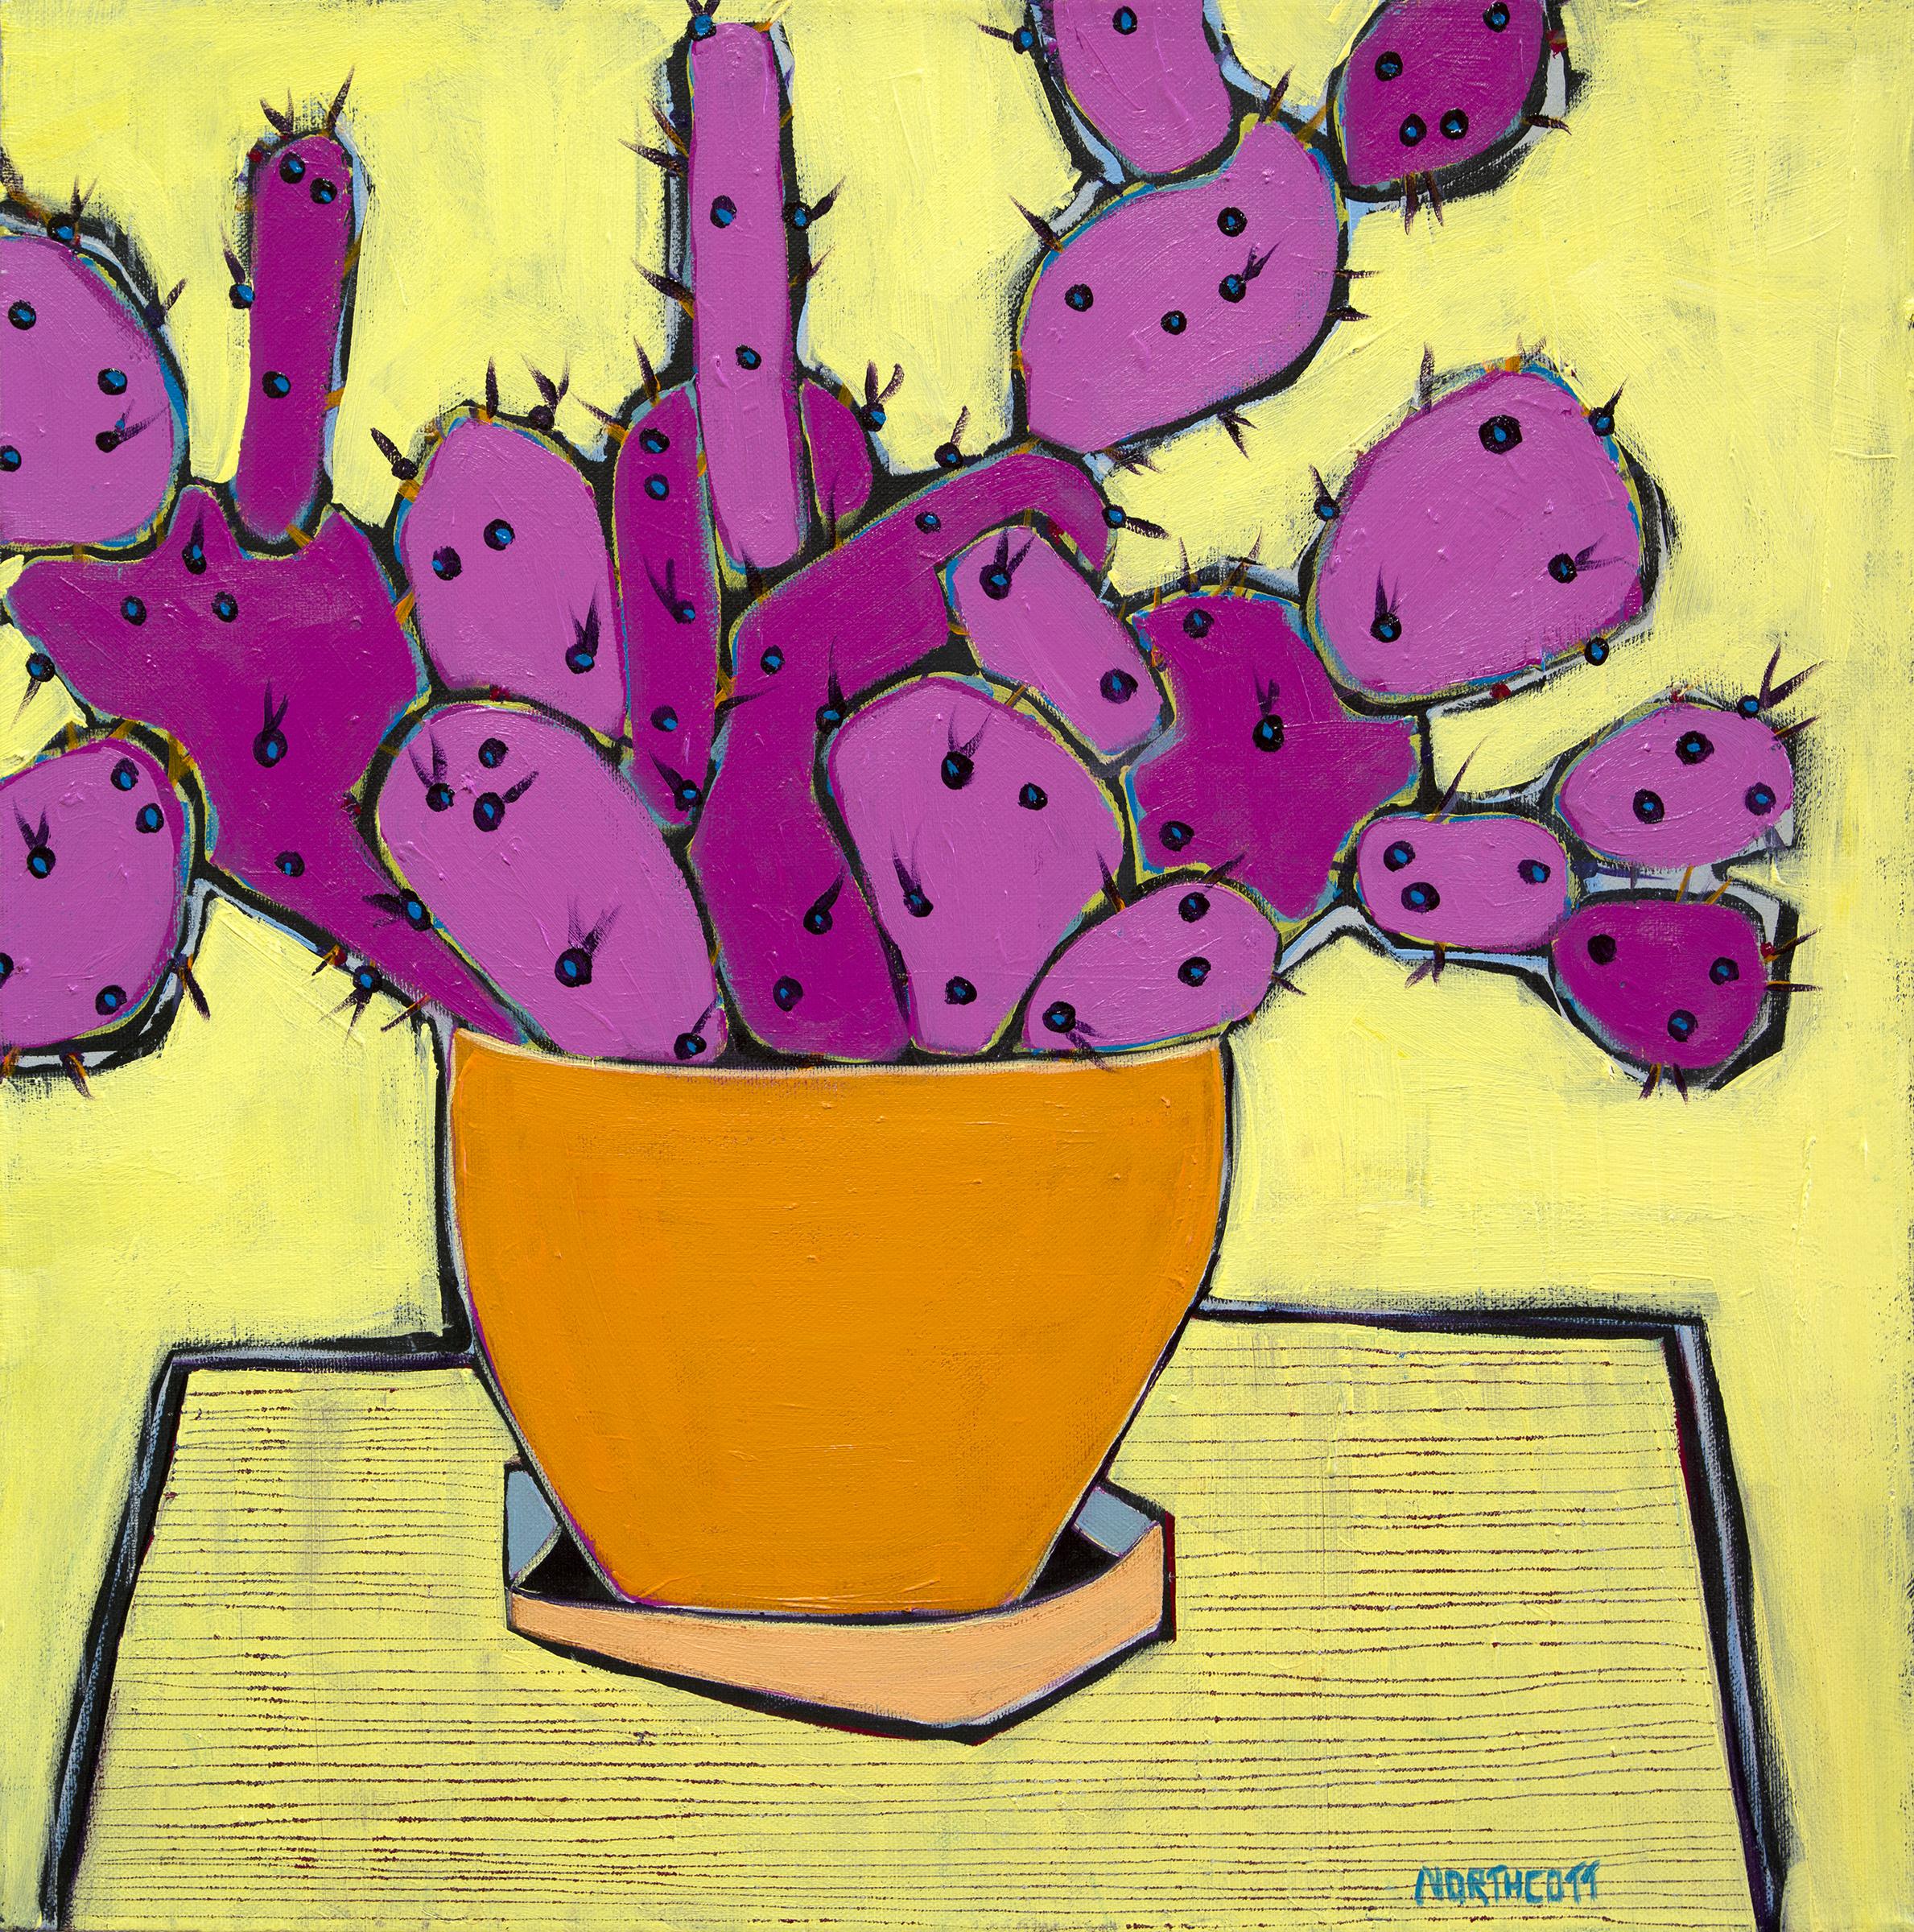 Pink Cactus in an Orange Pot